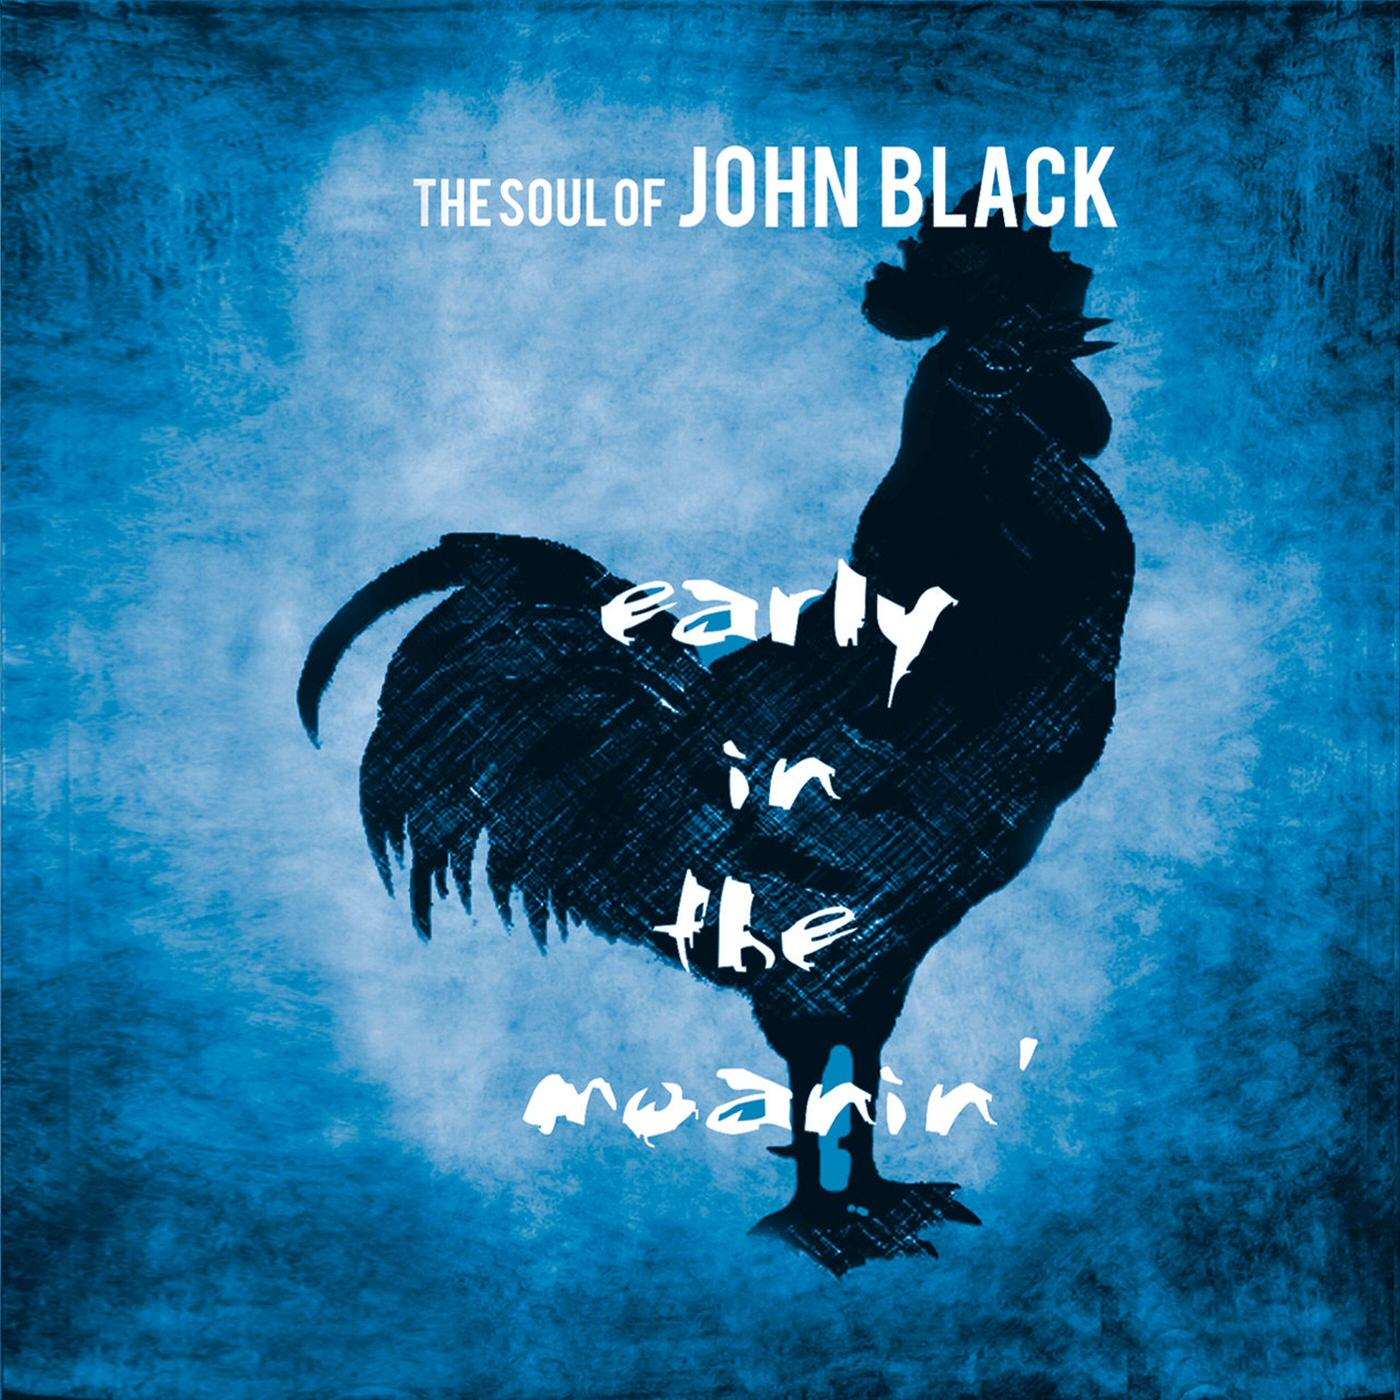 THE SOUL OF JOHN BLACK – Thursdaymorning